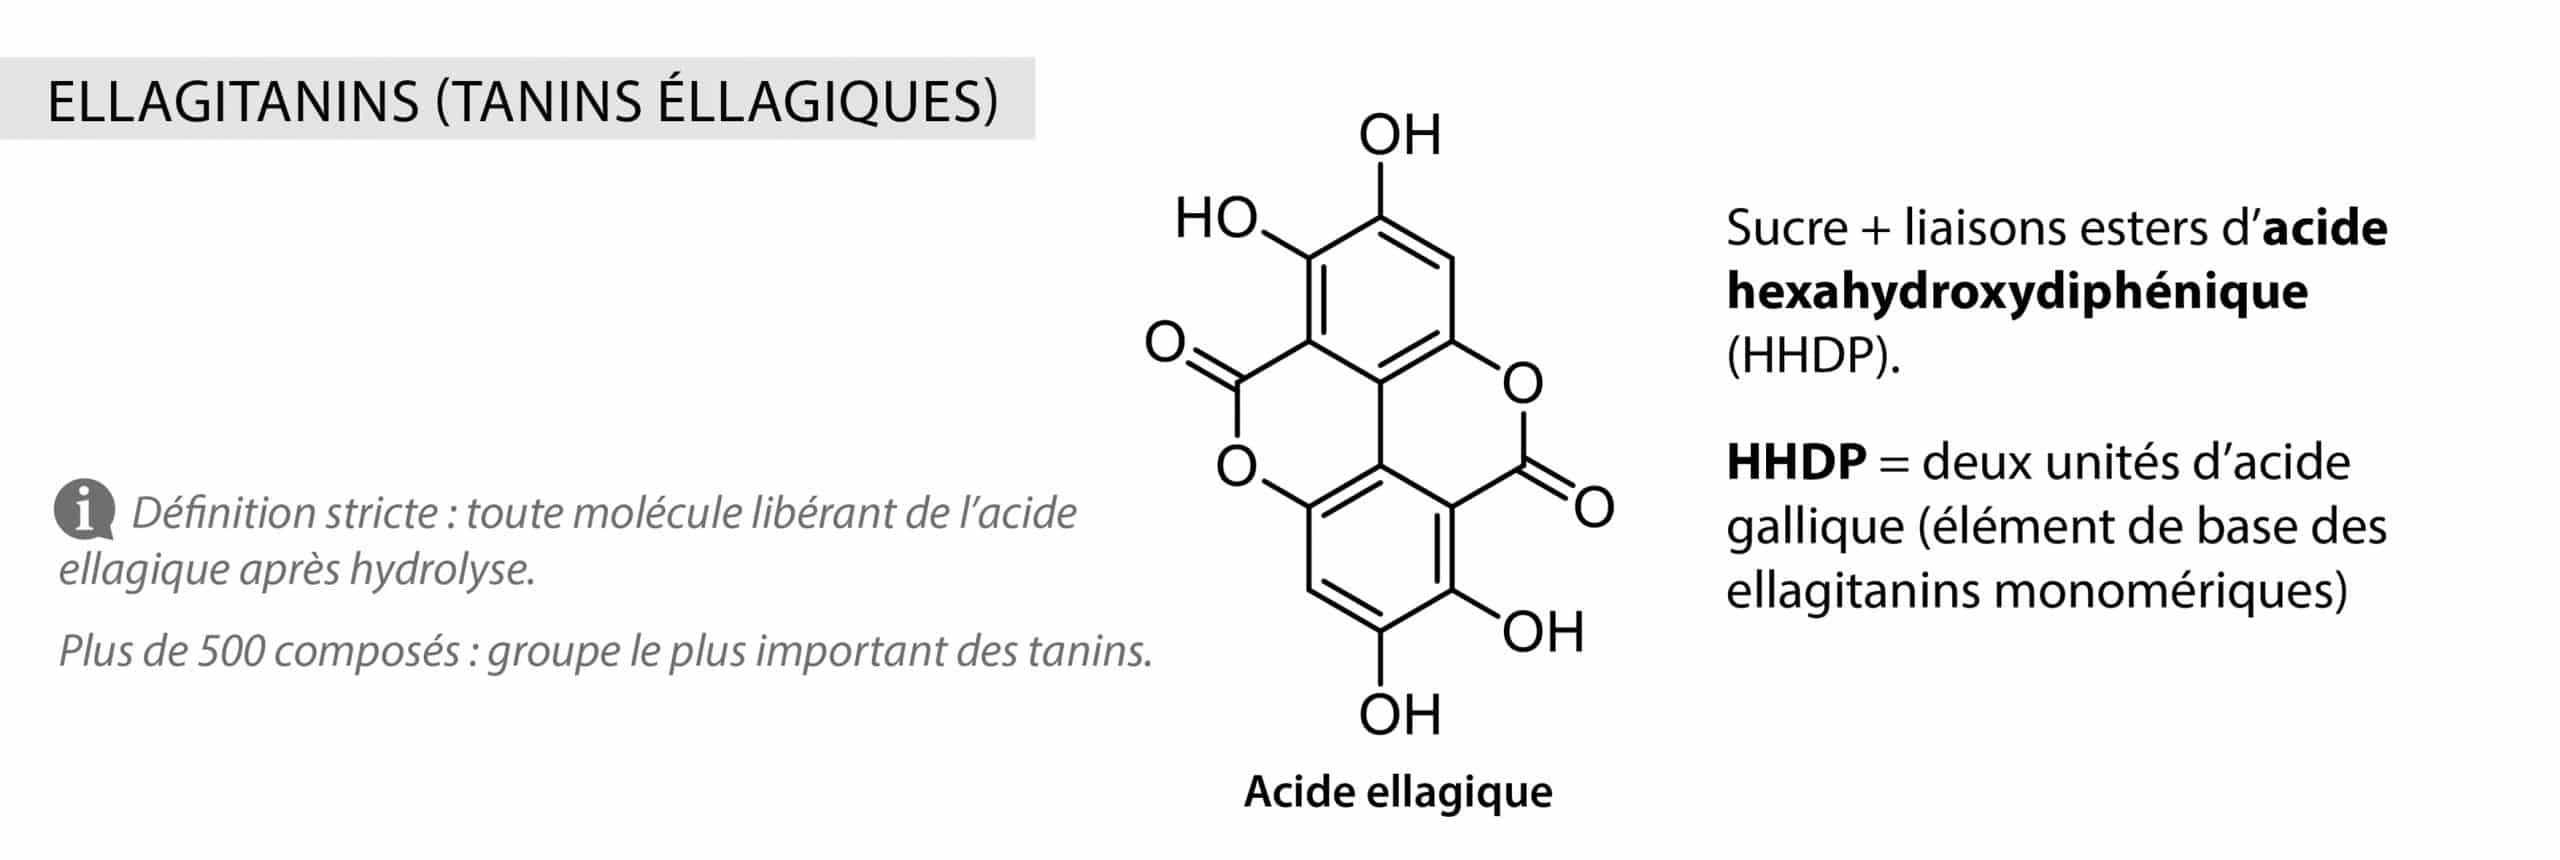 Ellagitanins tanins éllagiques Nutrixeal Info